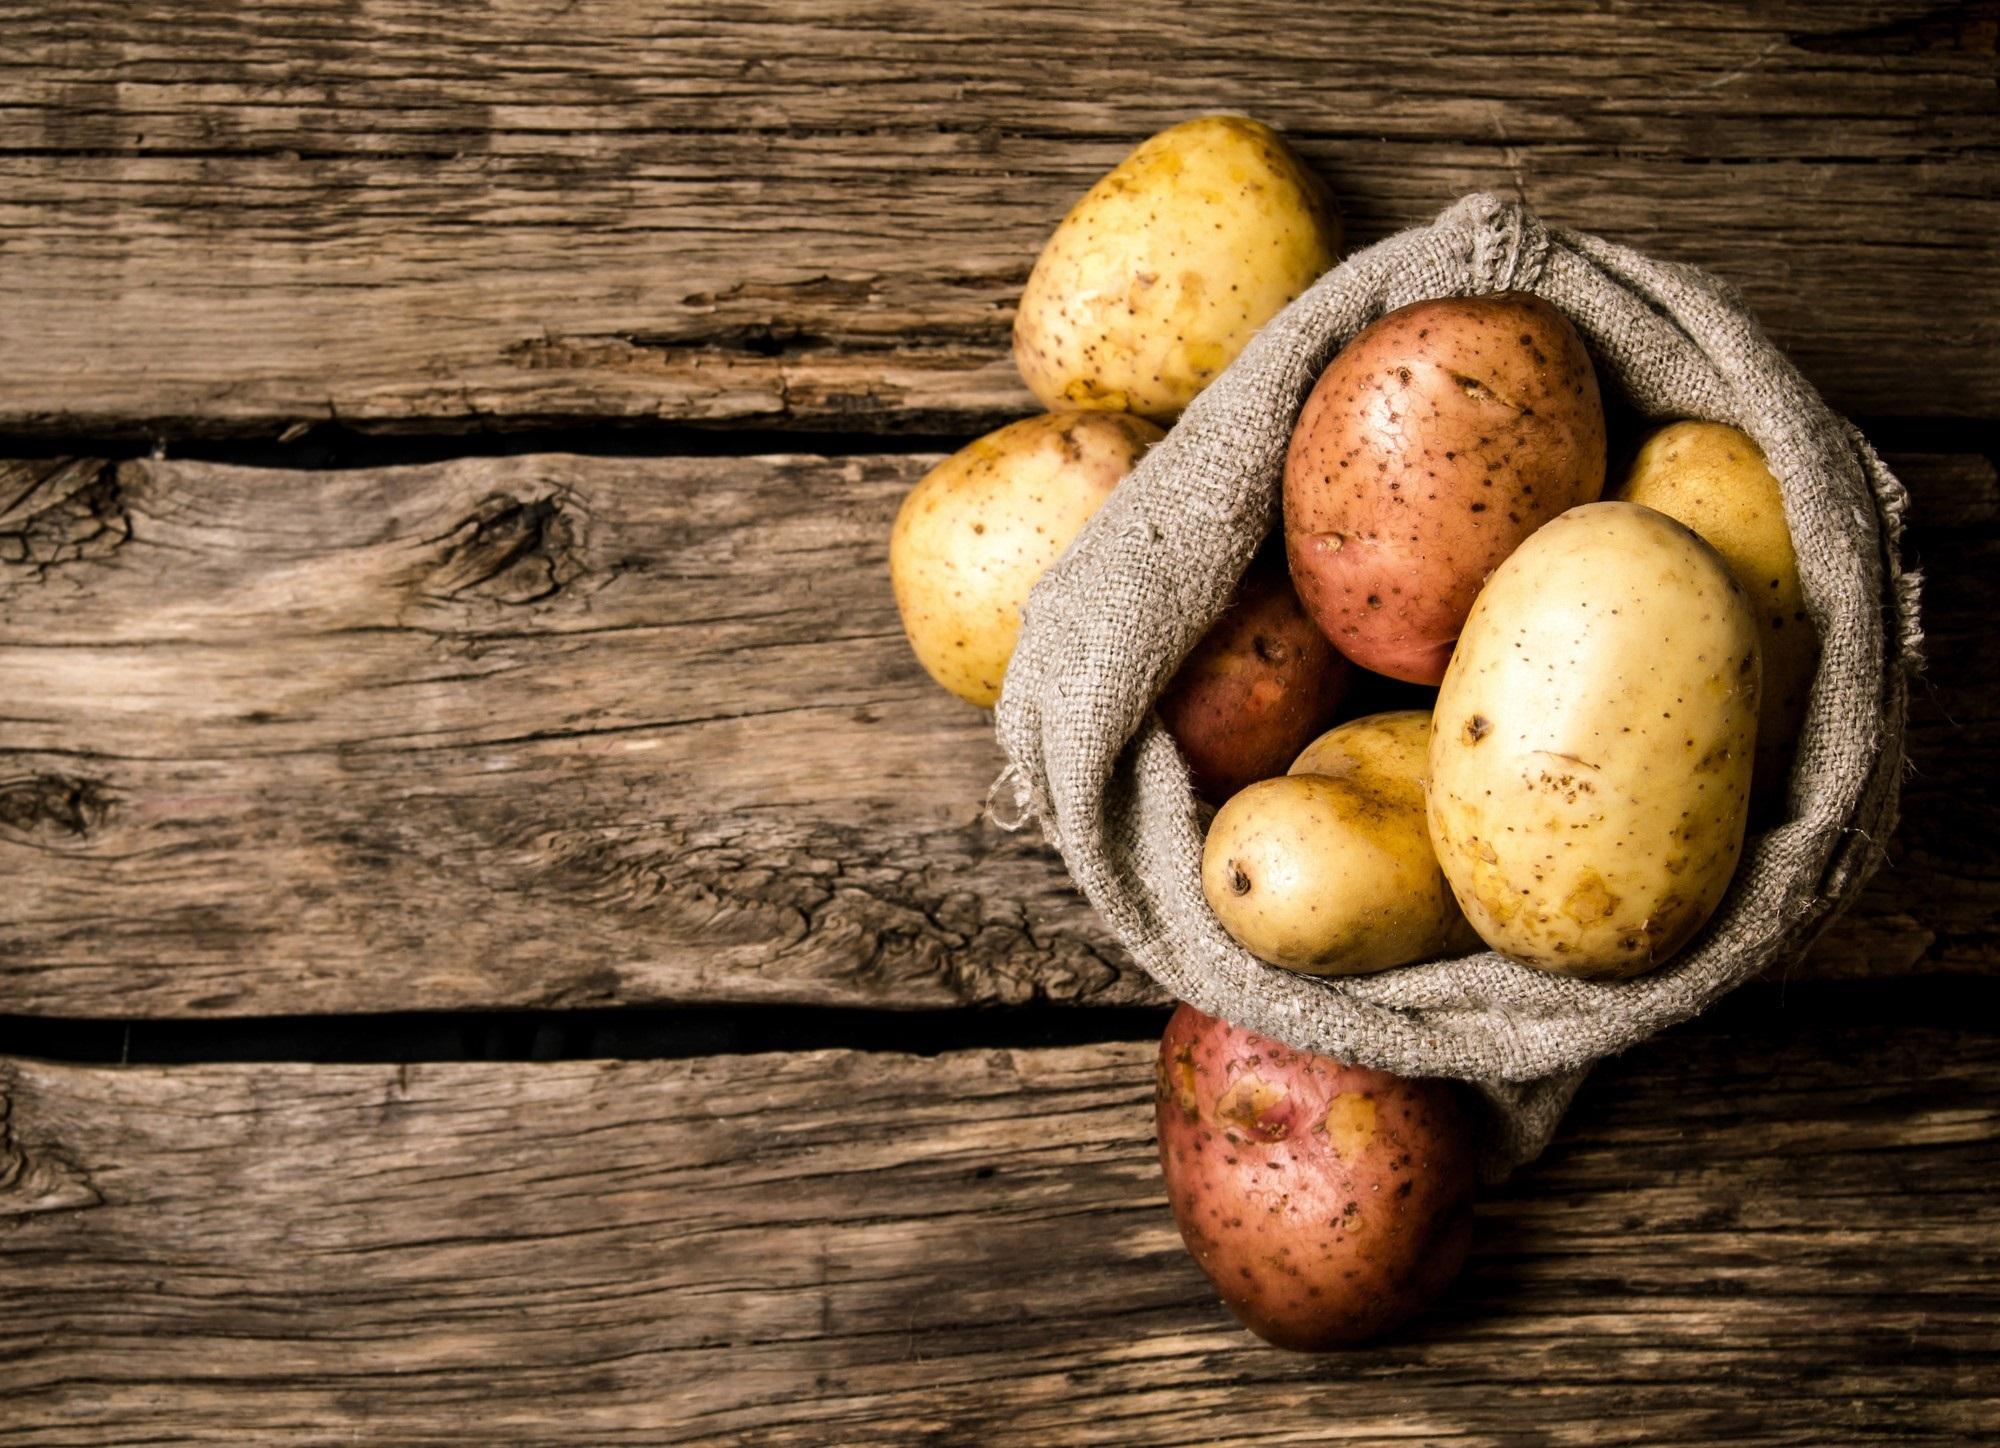 Biết được những tác dụng này của khoai tây, bạn sẽ chạy ngay ra chợ mua vài ký về luộc ăn - Ảnh 1